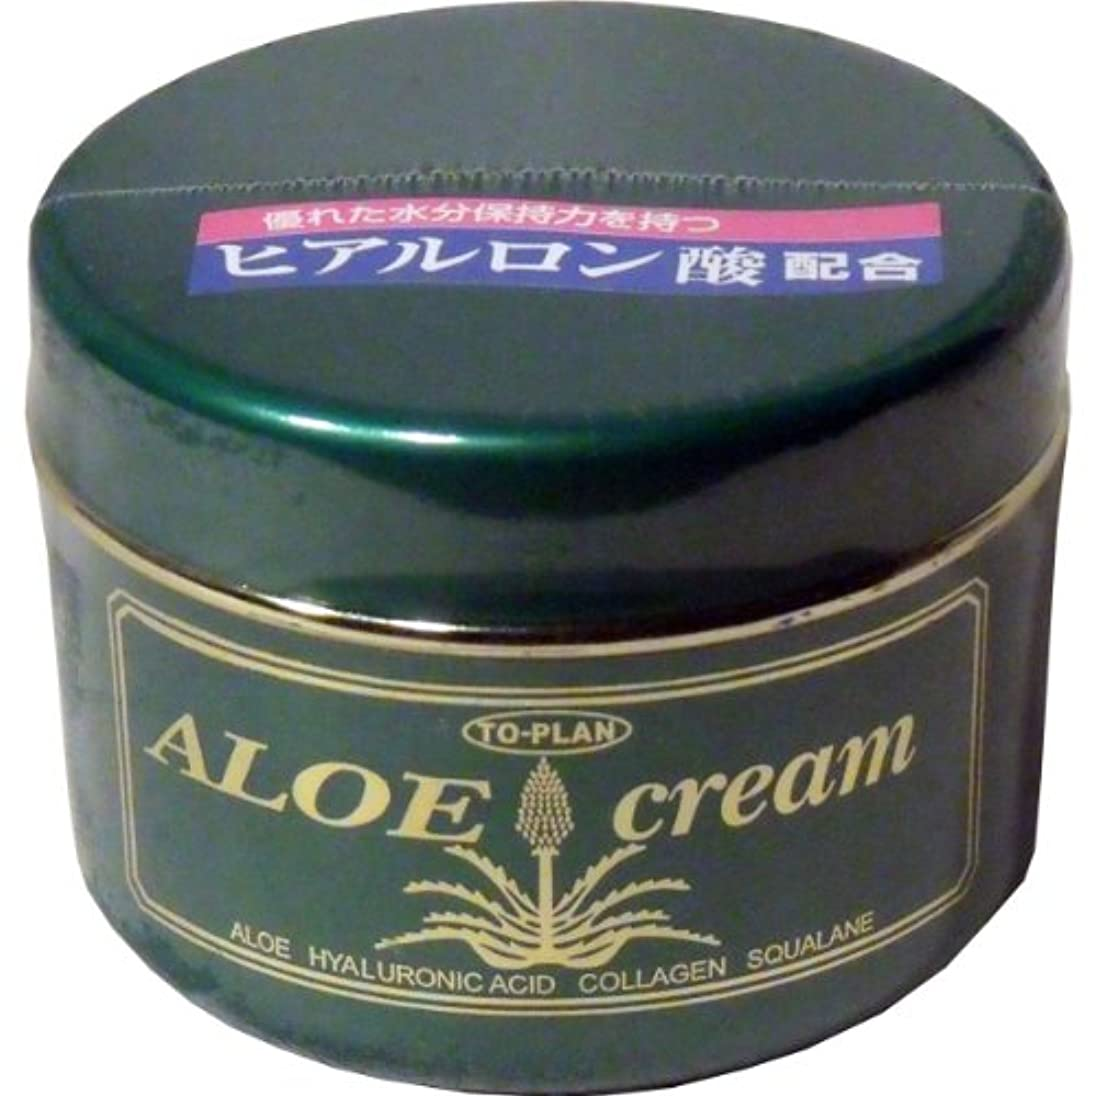 ジェーンオースティン昼食解体するトプラン ハーブフレッシュクリーム(アロエクリーム) ヒアルロン酸 170g ×3個セット